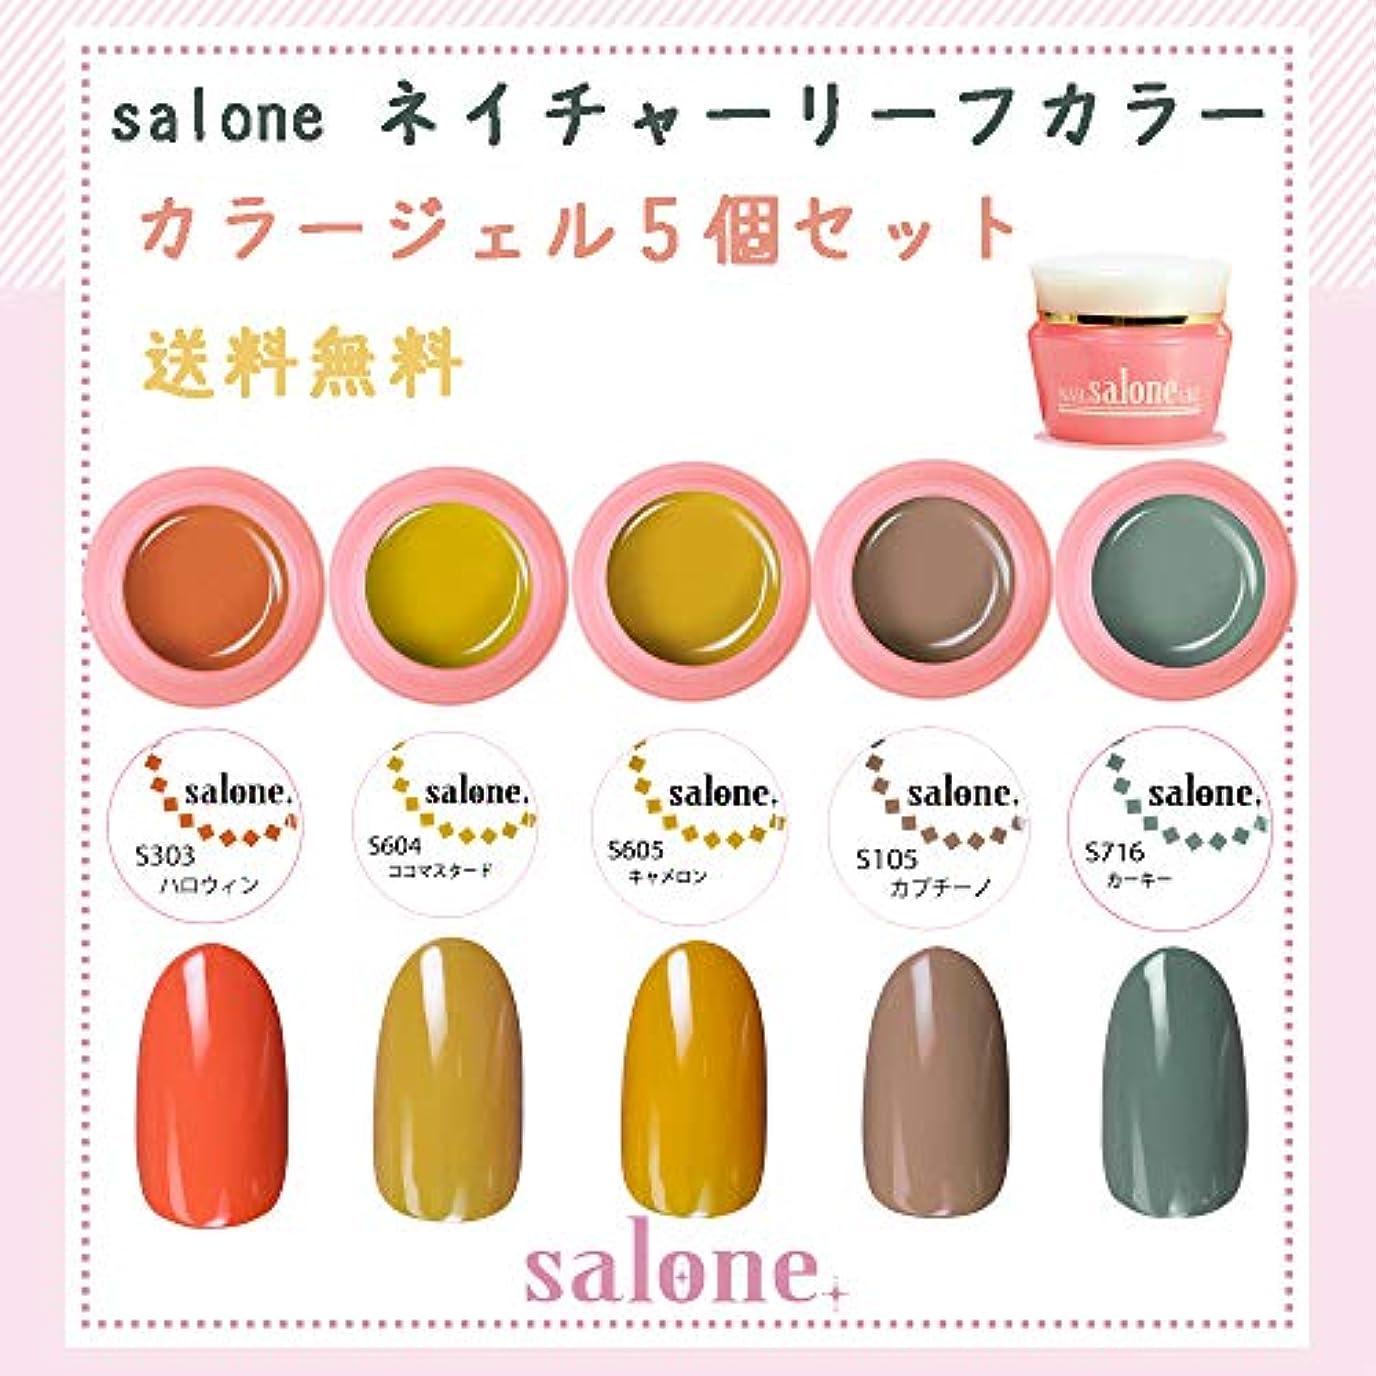 狂ったほのめかす飛躍【送料無料 日本製】Salone ネイチャーリーフカラージェル5個セット ボタニカルでネイチャーなカラーをチョイス。